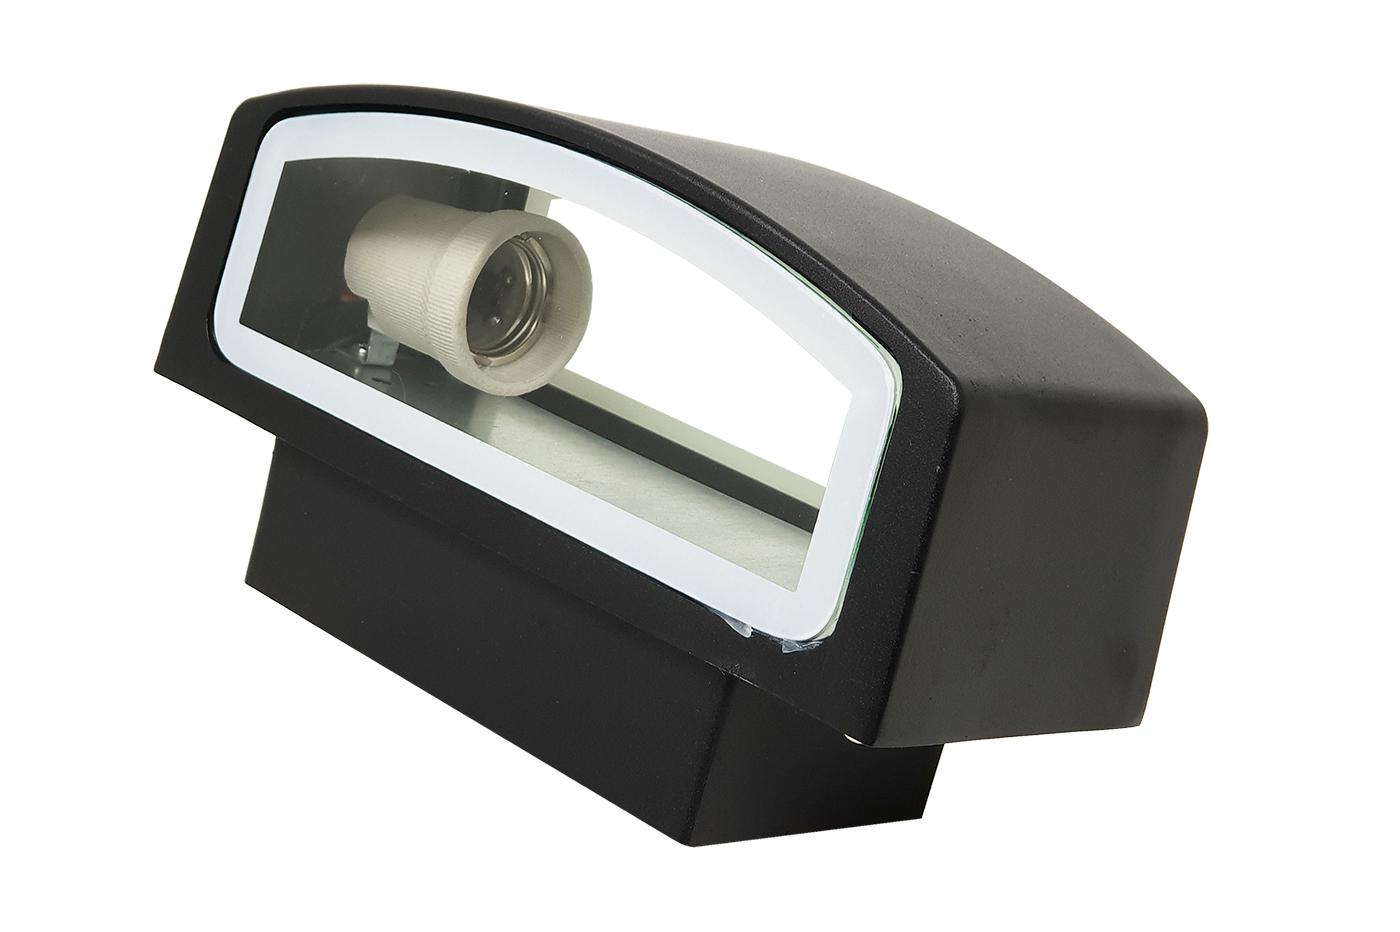 Plafoniera Da Esterno Con Telecamera : Bes applique beselettronica esterno nero